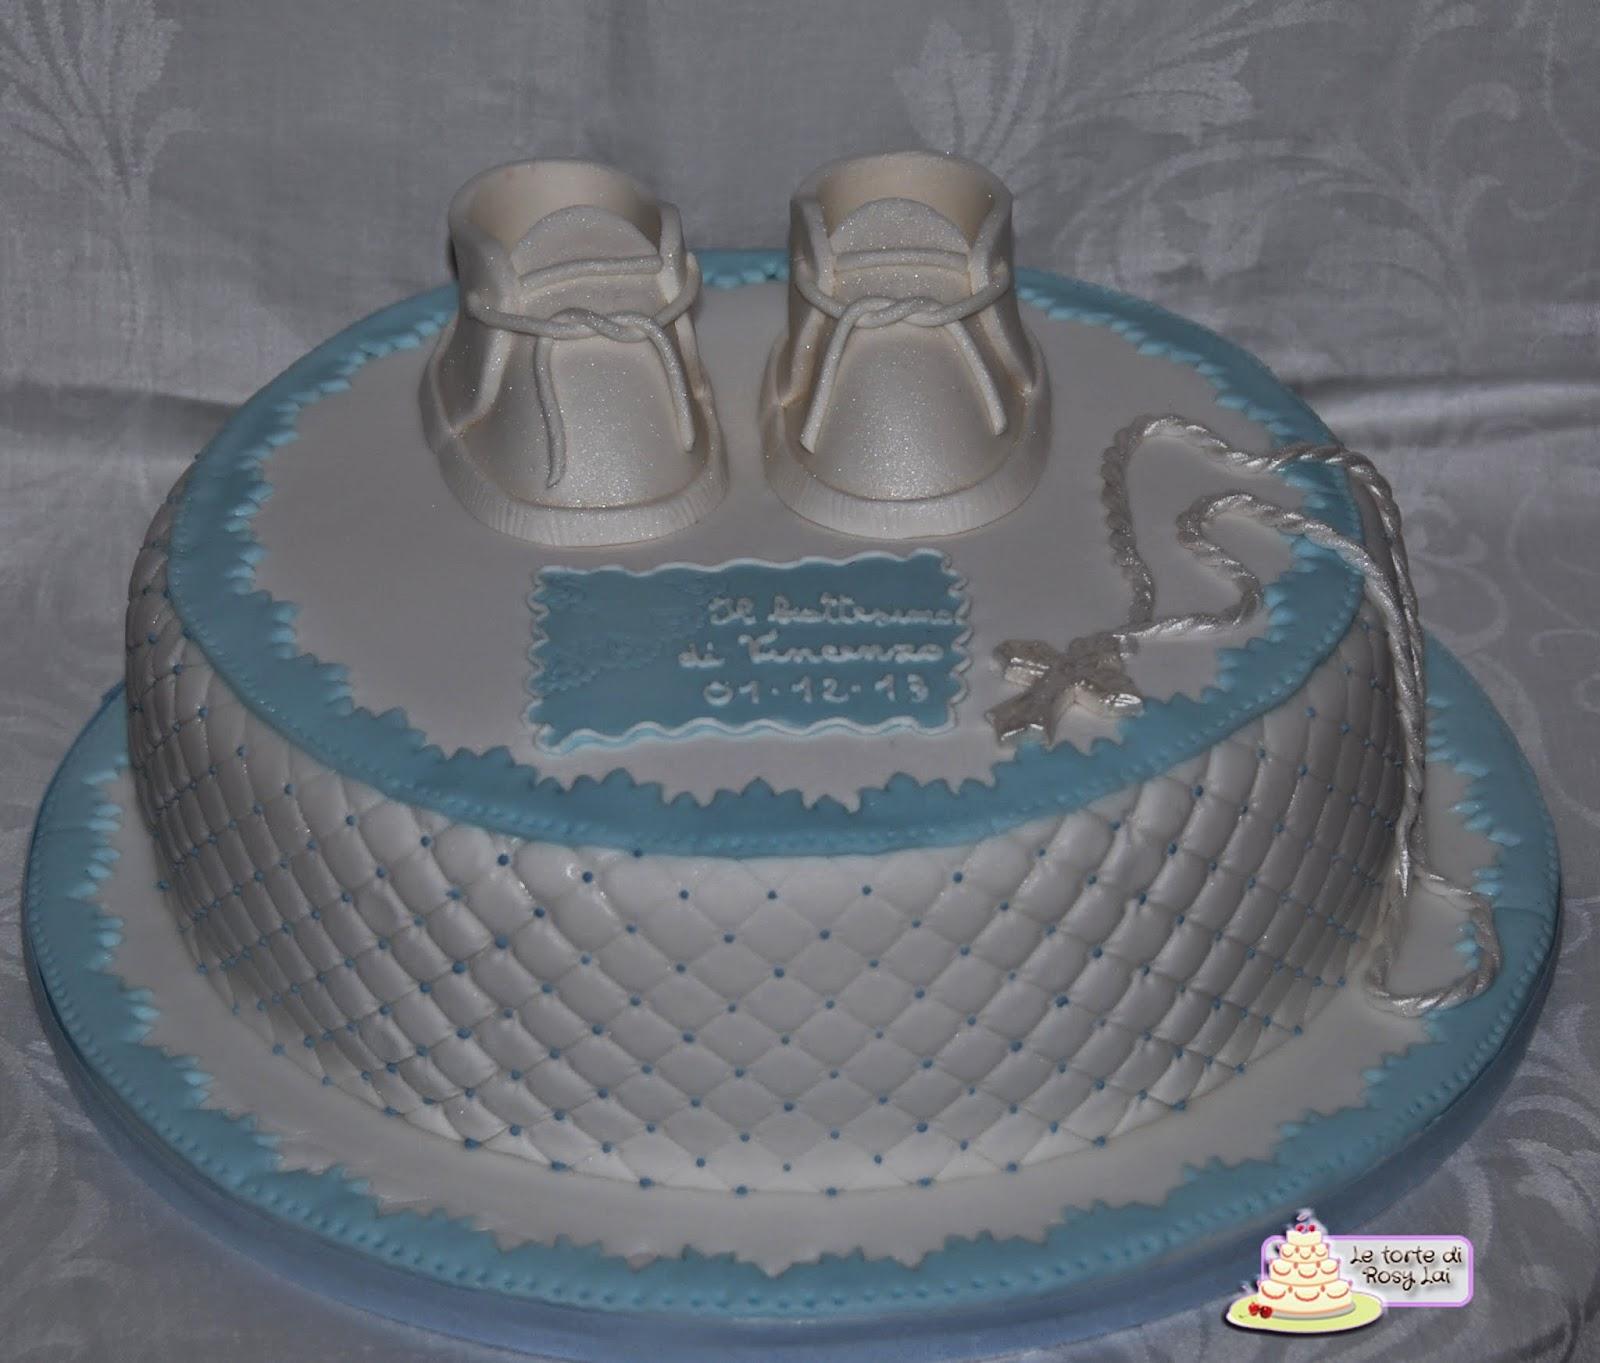 Le torte di rosy lai il battesimo vincenzo